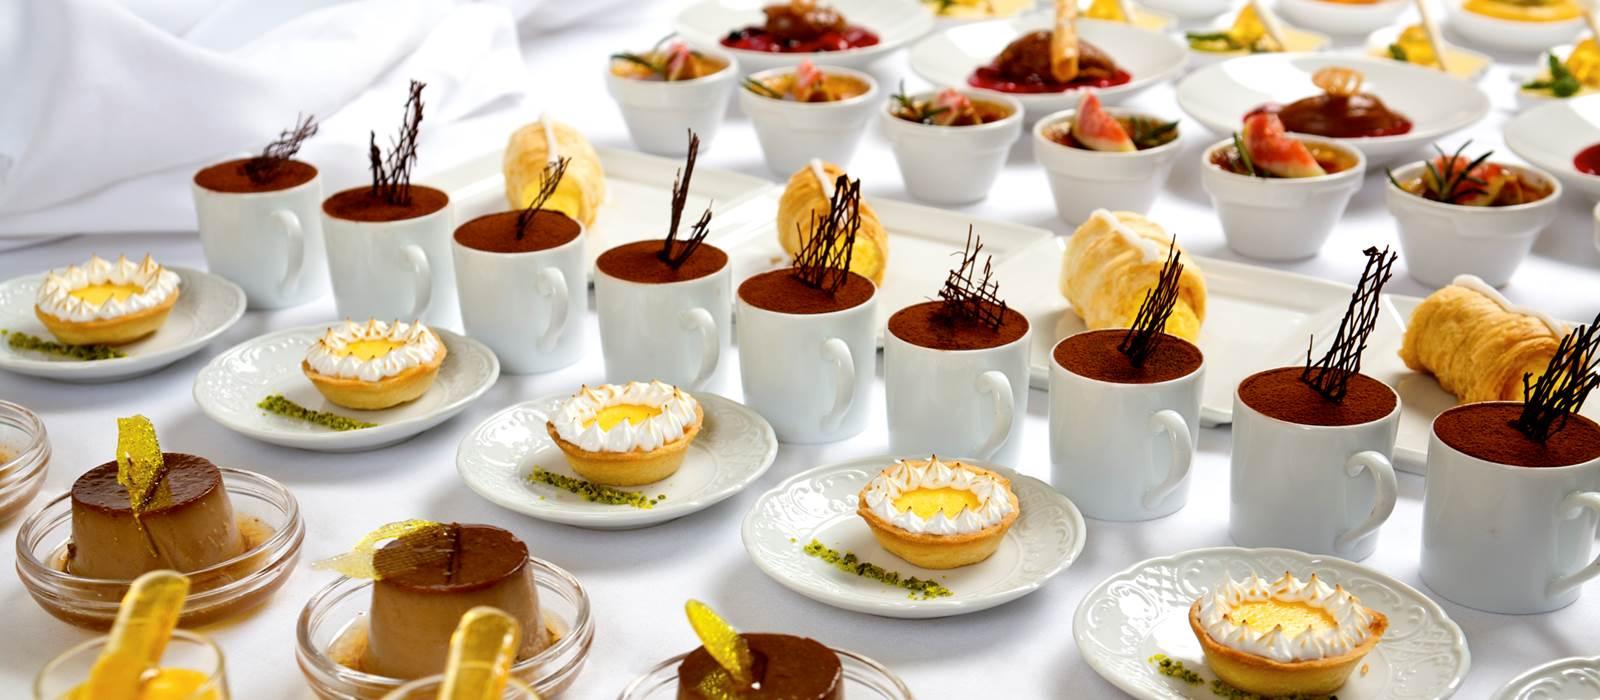 Best Banquets in North Delhi